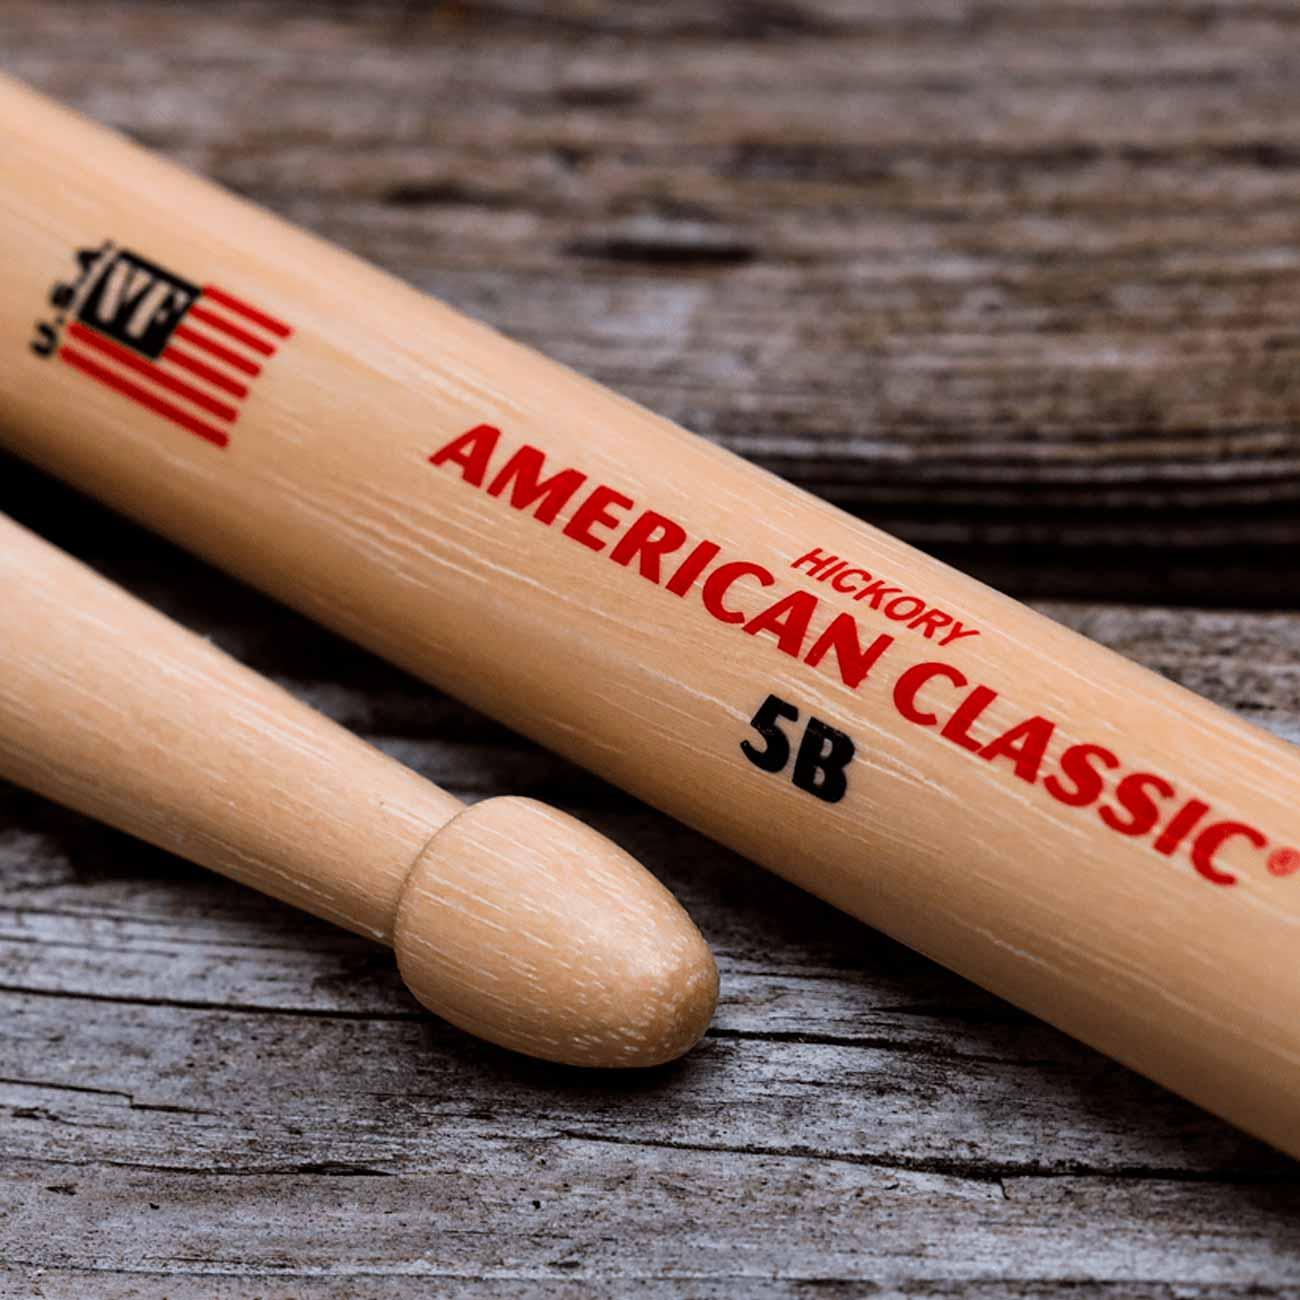 Baqueta American Classic 5B Vic Firth Com Ponta de Madeira